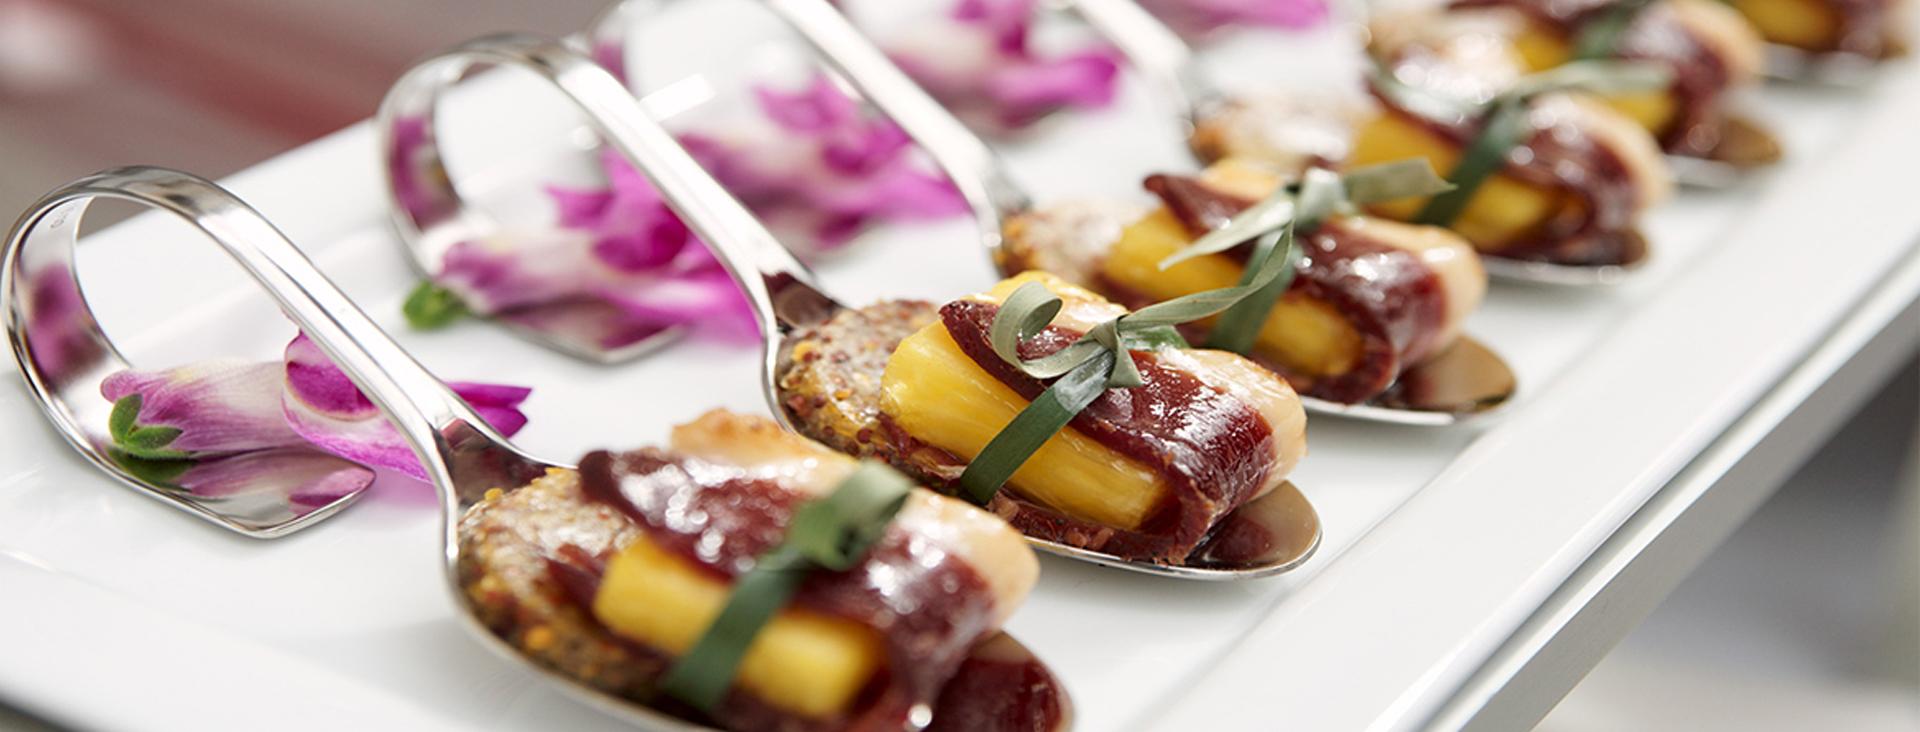 buffet-vicenza-catering-servizio-banqueting-domicilio-aziende